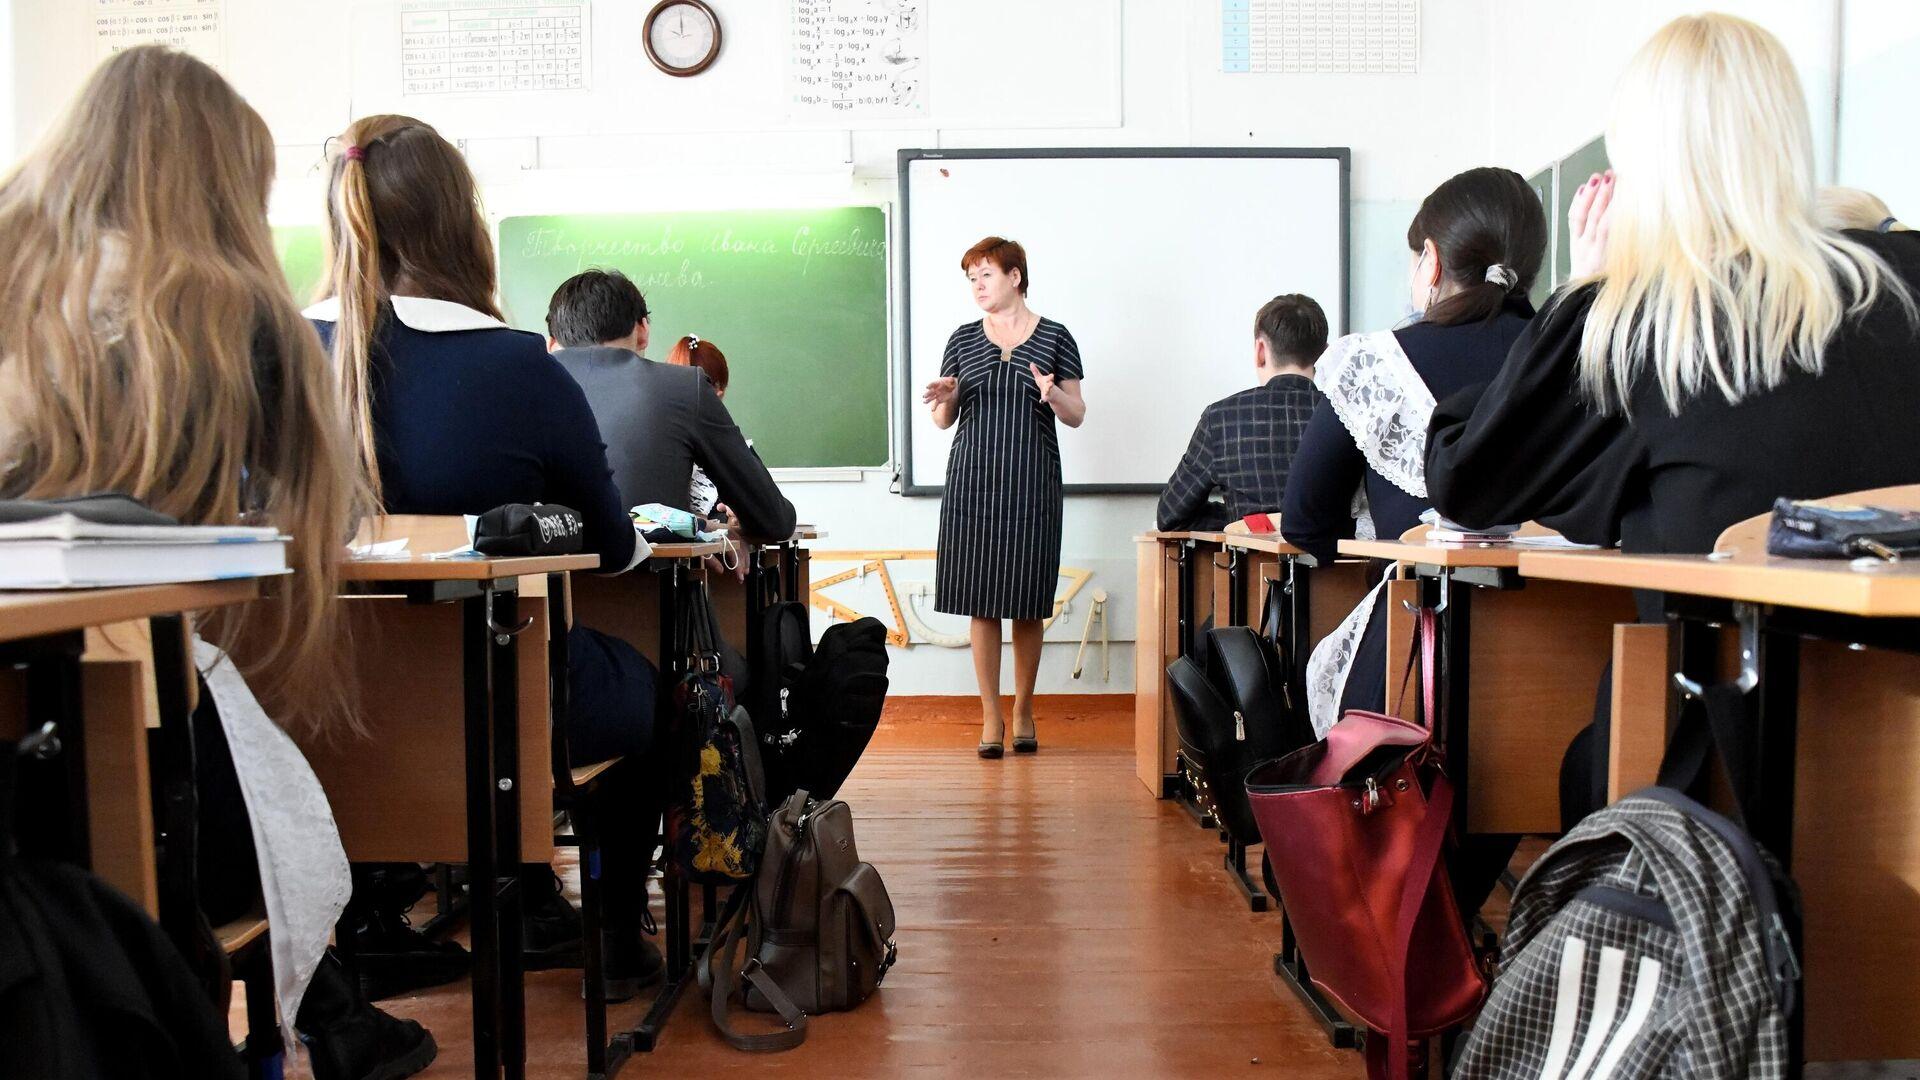 Учащиеся во время урока в общеобразовательной школе №42 города Читы - РИА Новости, 1920, 15.01.2021